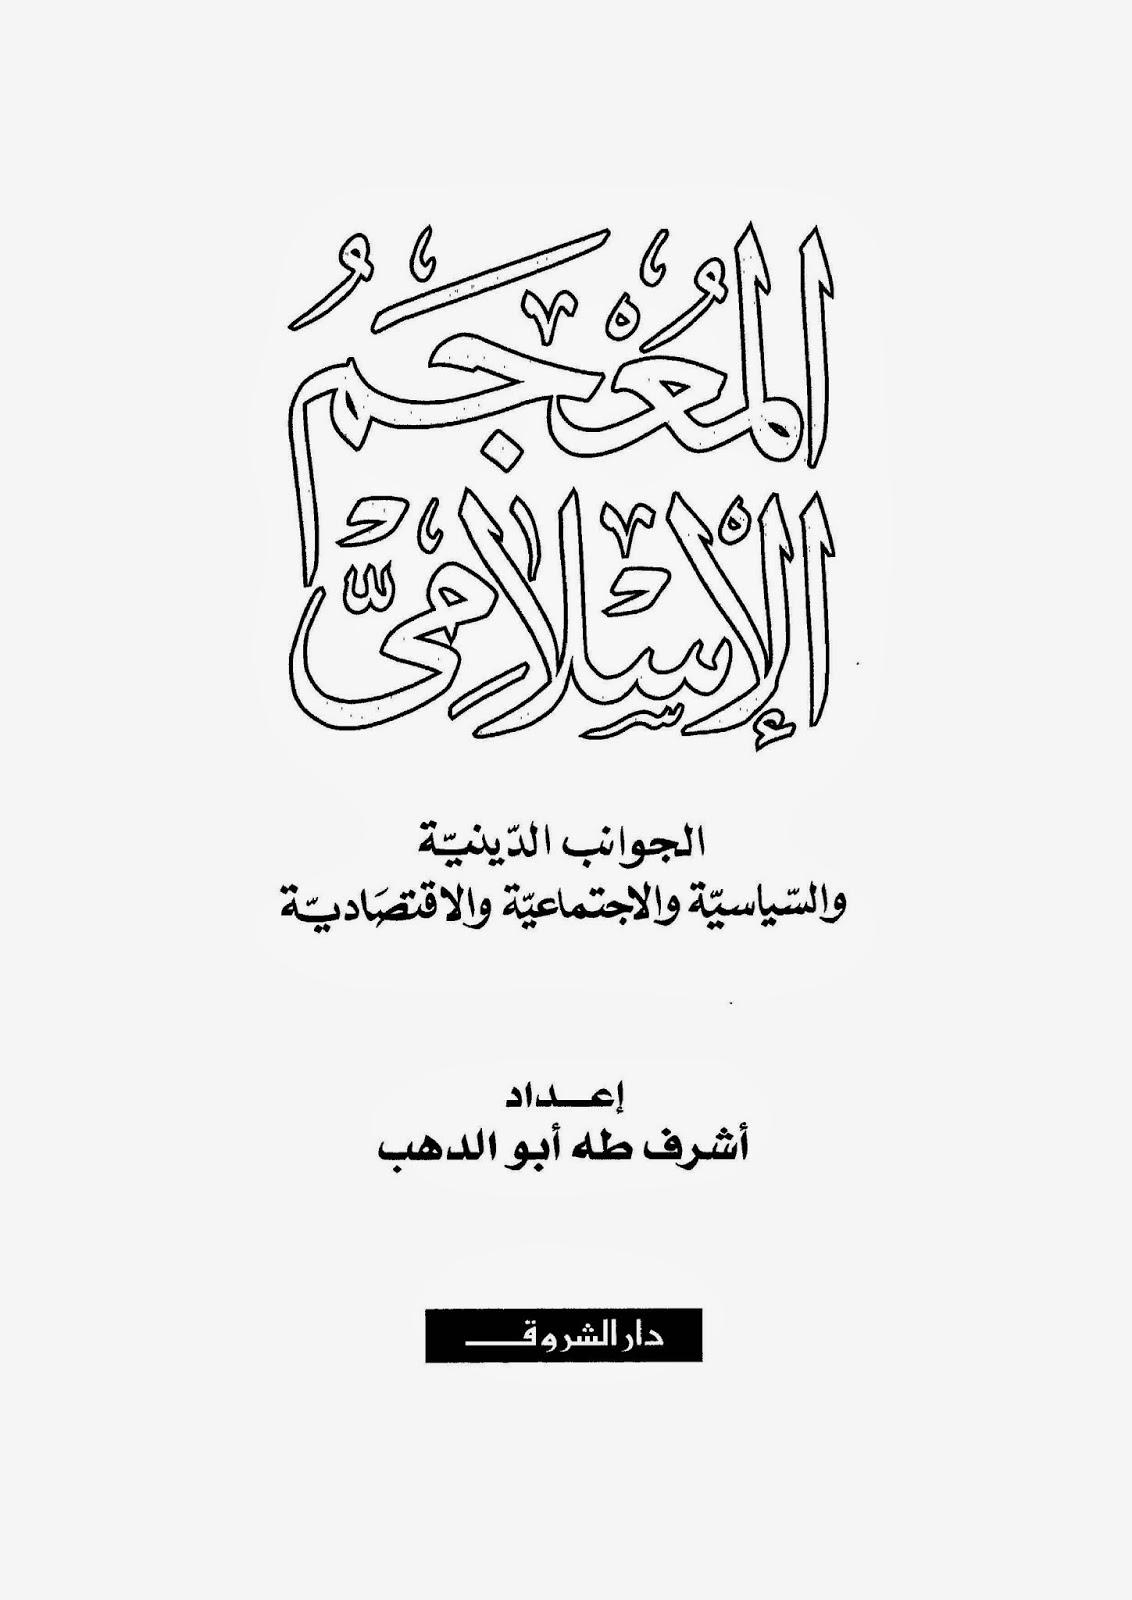 المعجم الإسلامي: الجوانب الدينية والسياسية والاجتماعية والاقتصادية - أشرف طه أبو الدهب pdf